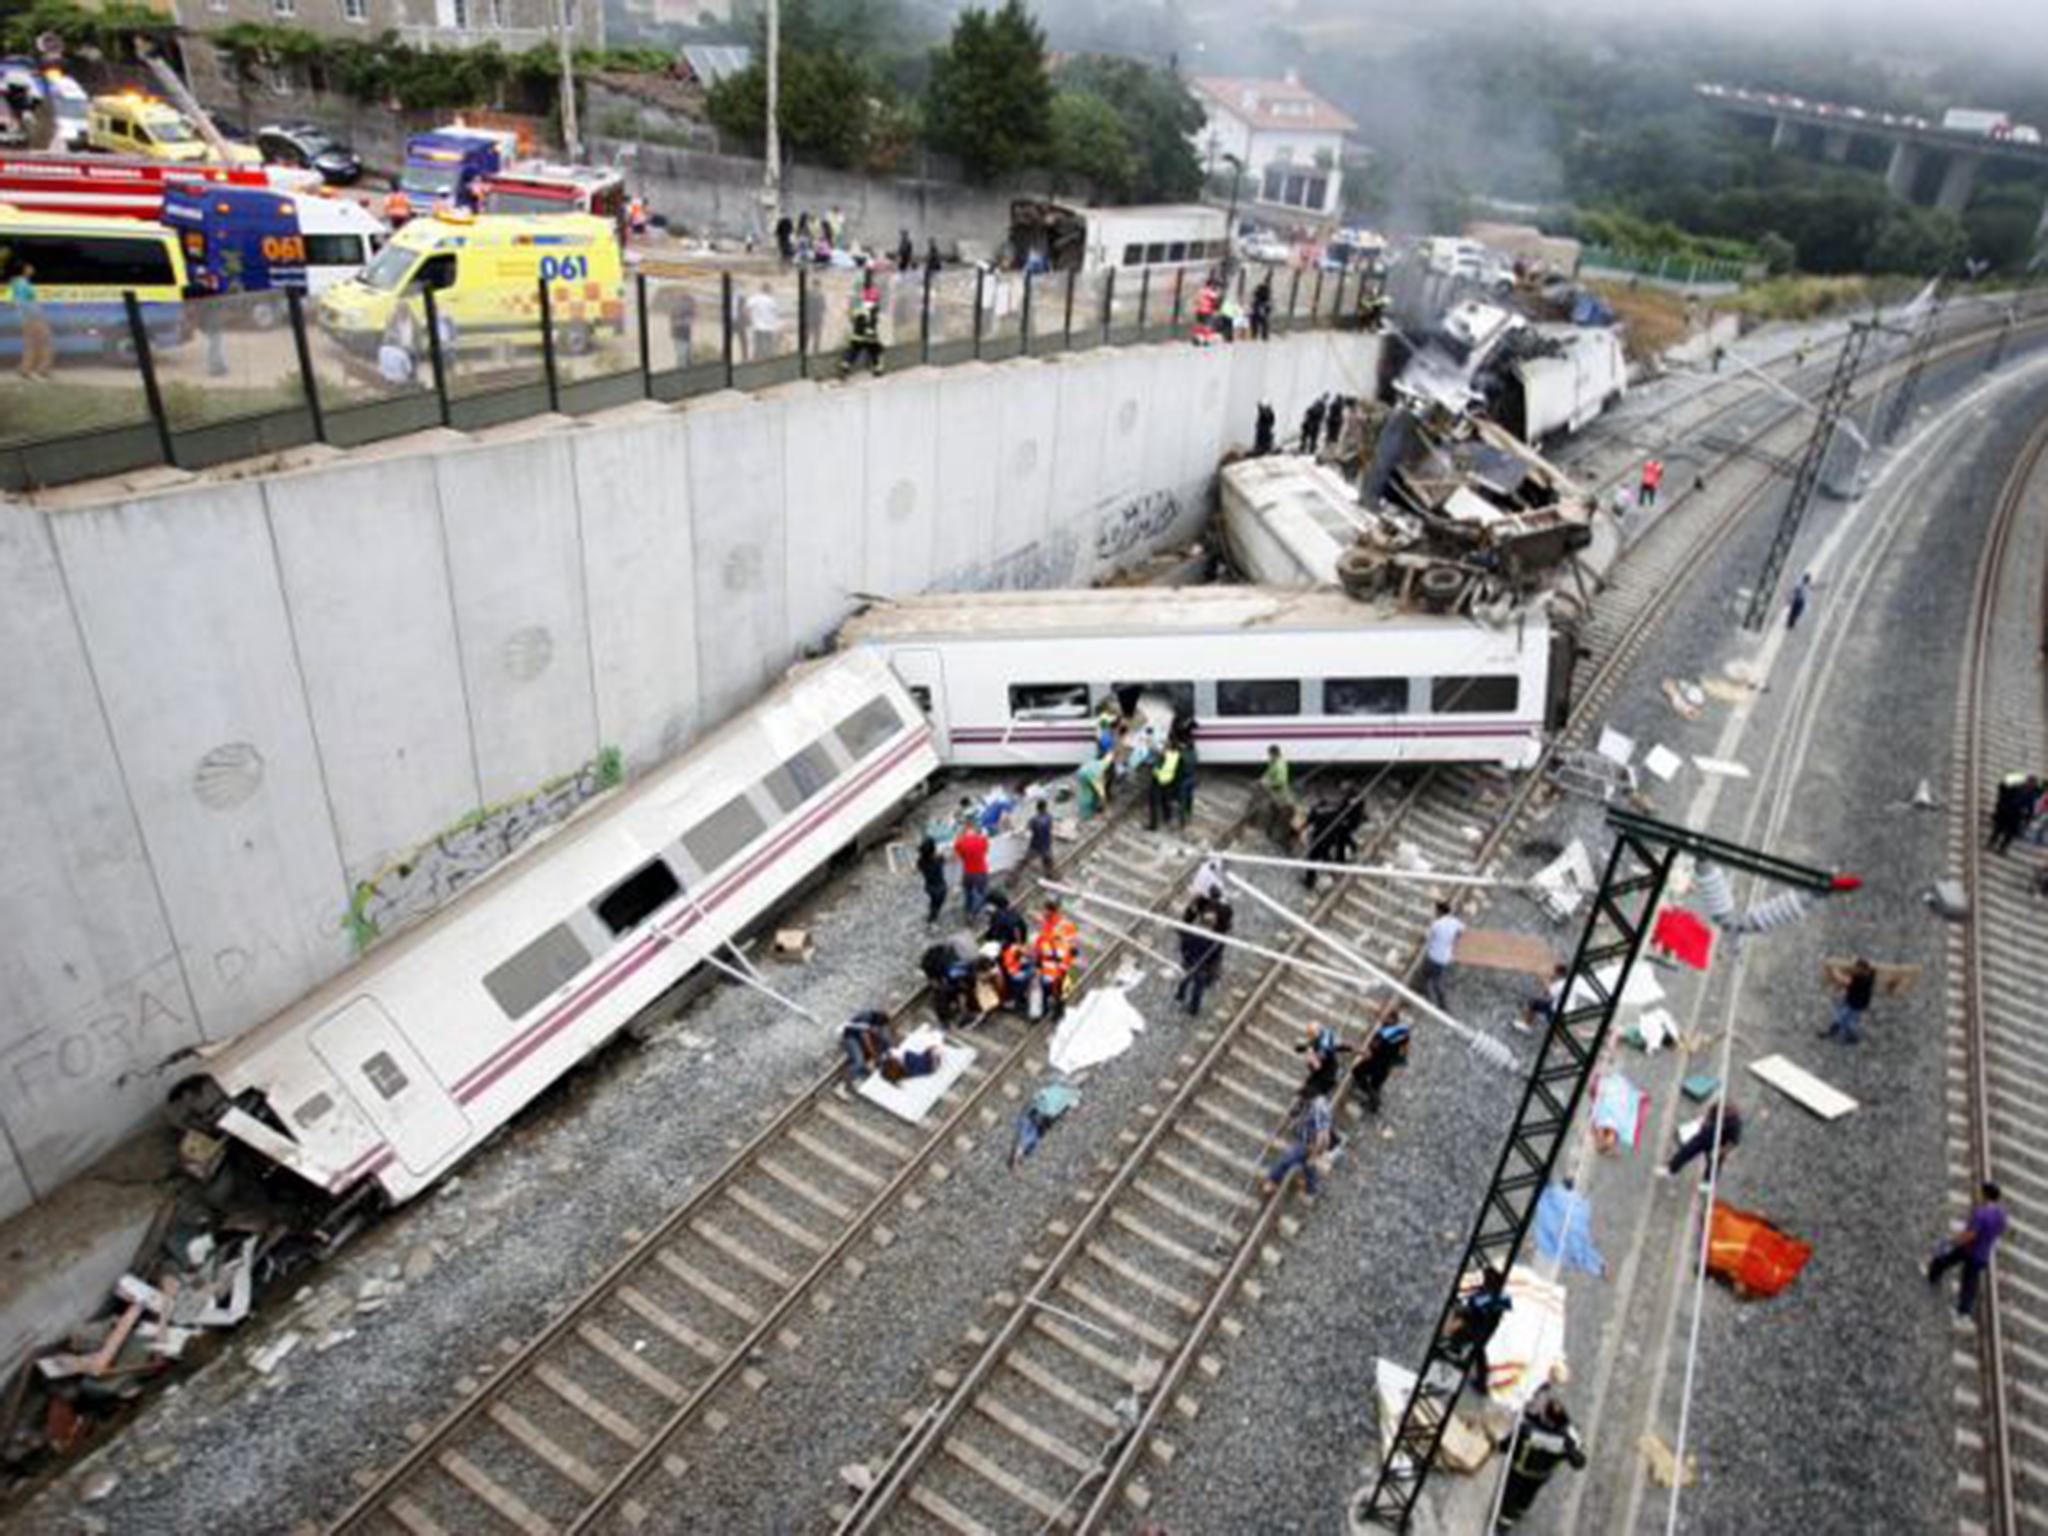 وقوع حادثه قطار در بارسلونا چهل و هشت زخمی برجای گذاشت